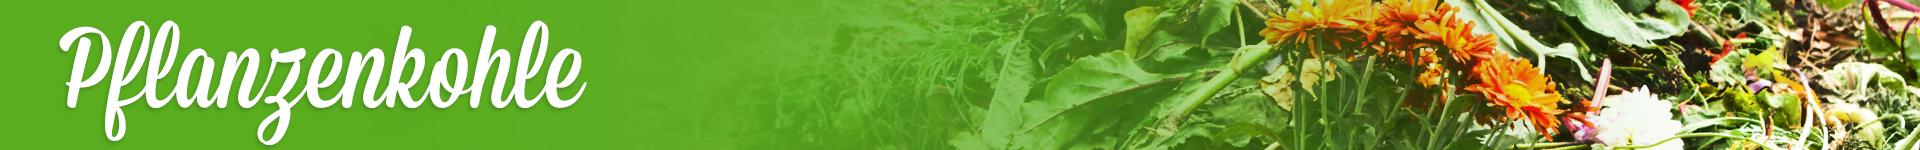 Pflanzenkohle verstehen und kaufen